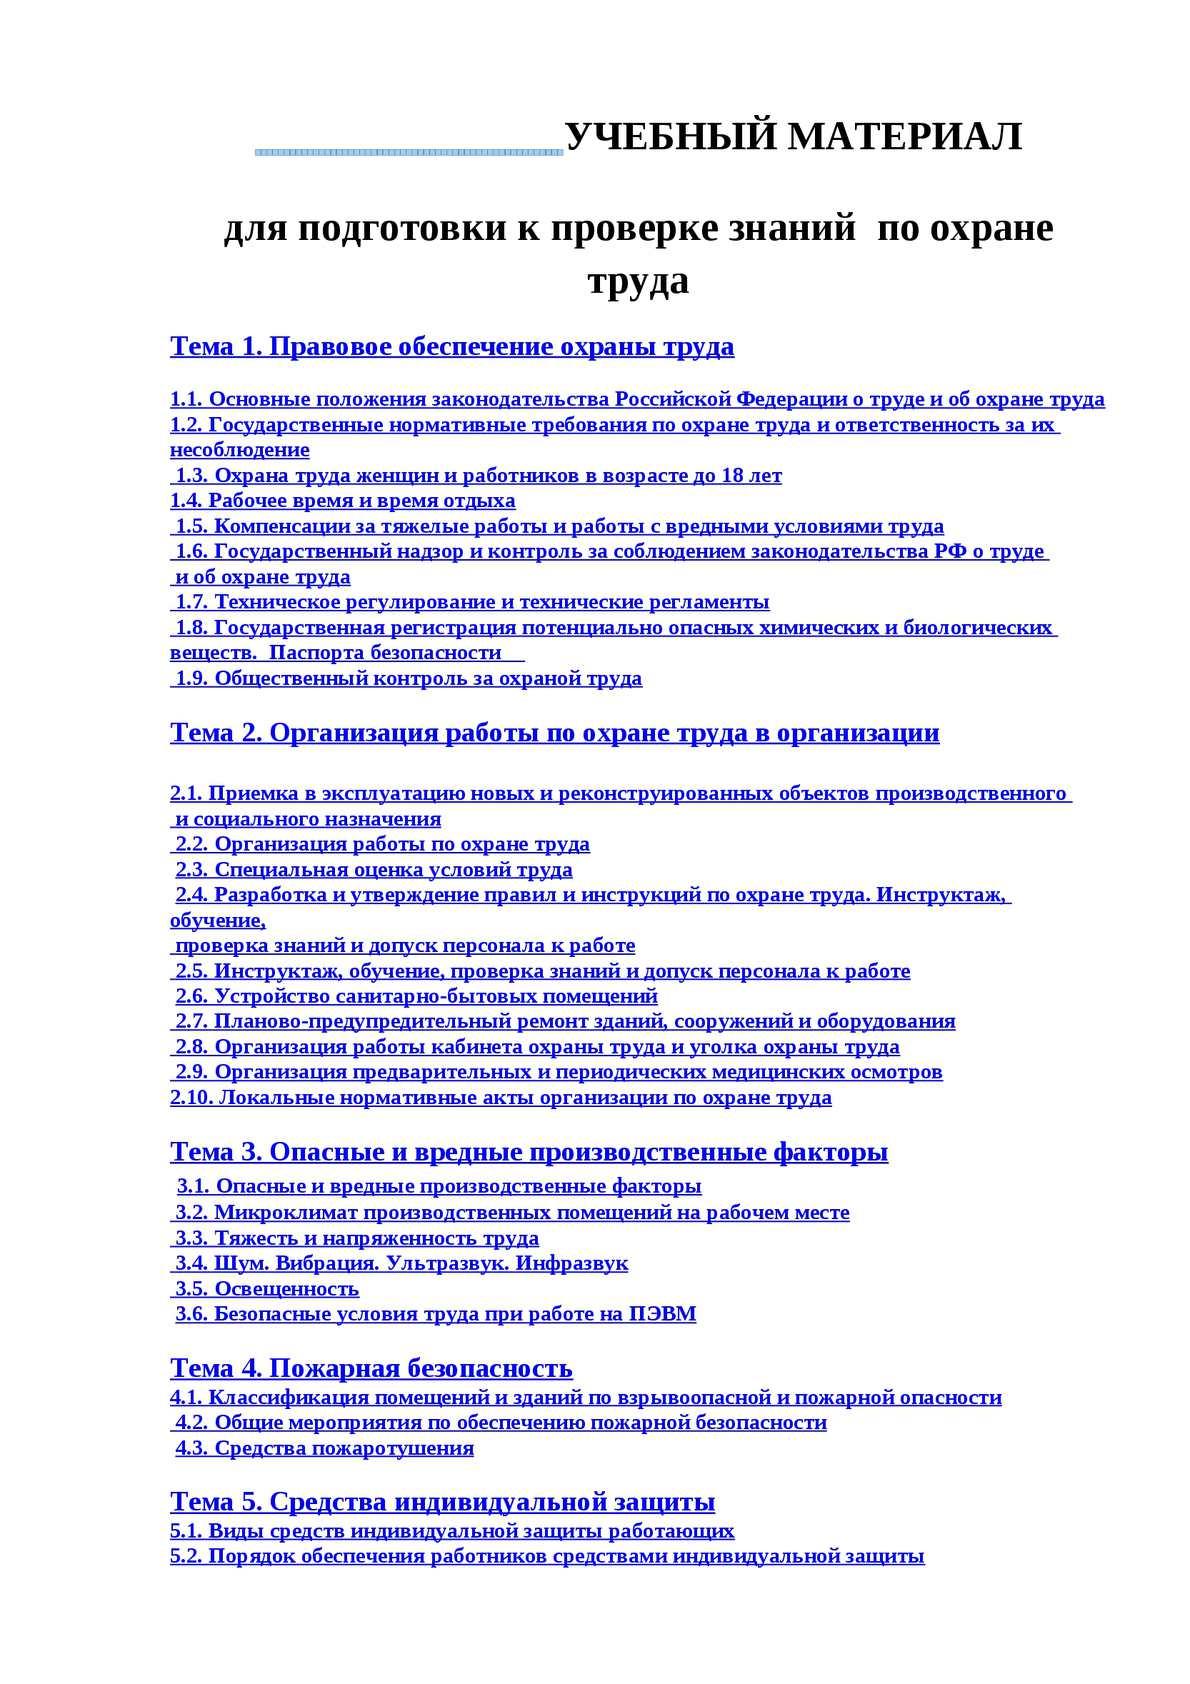 Как составить заявление о расторжении договора об оказании услуг связи